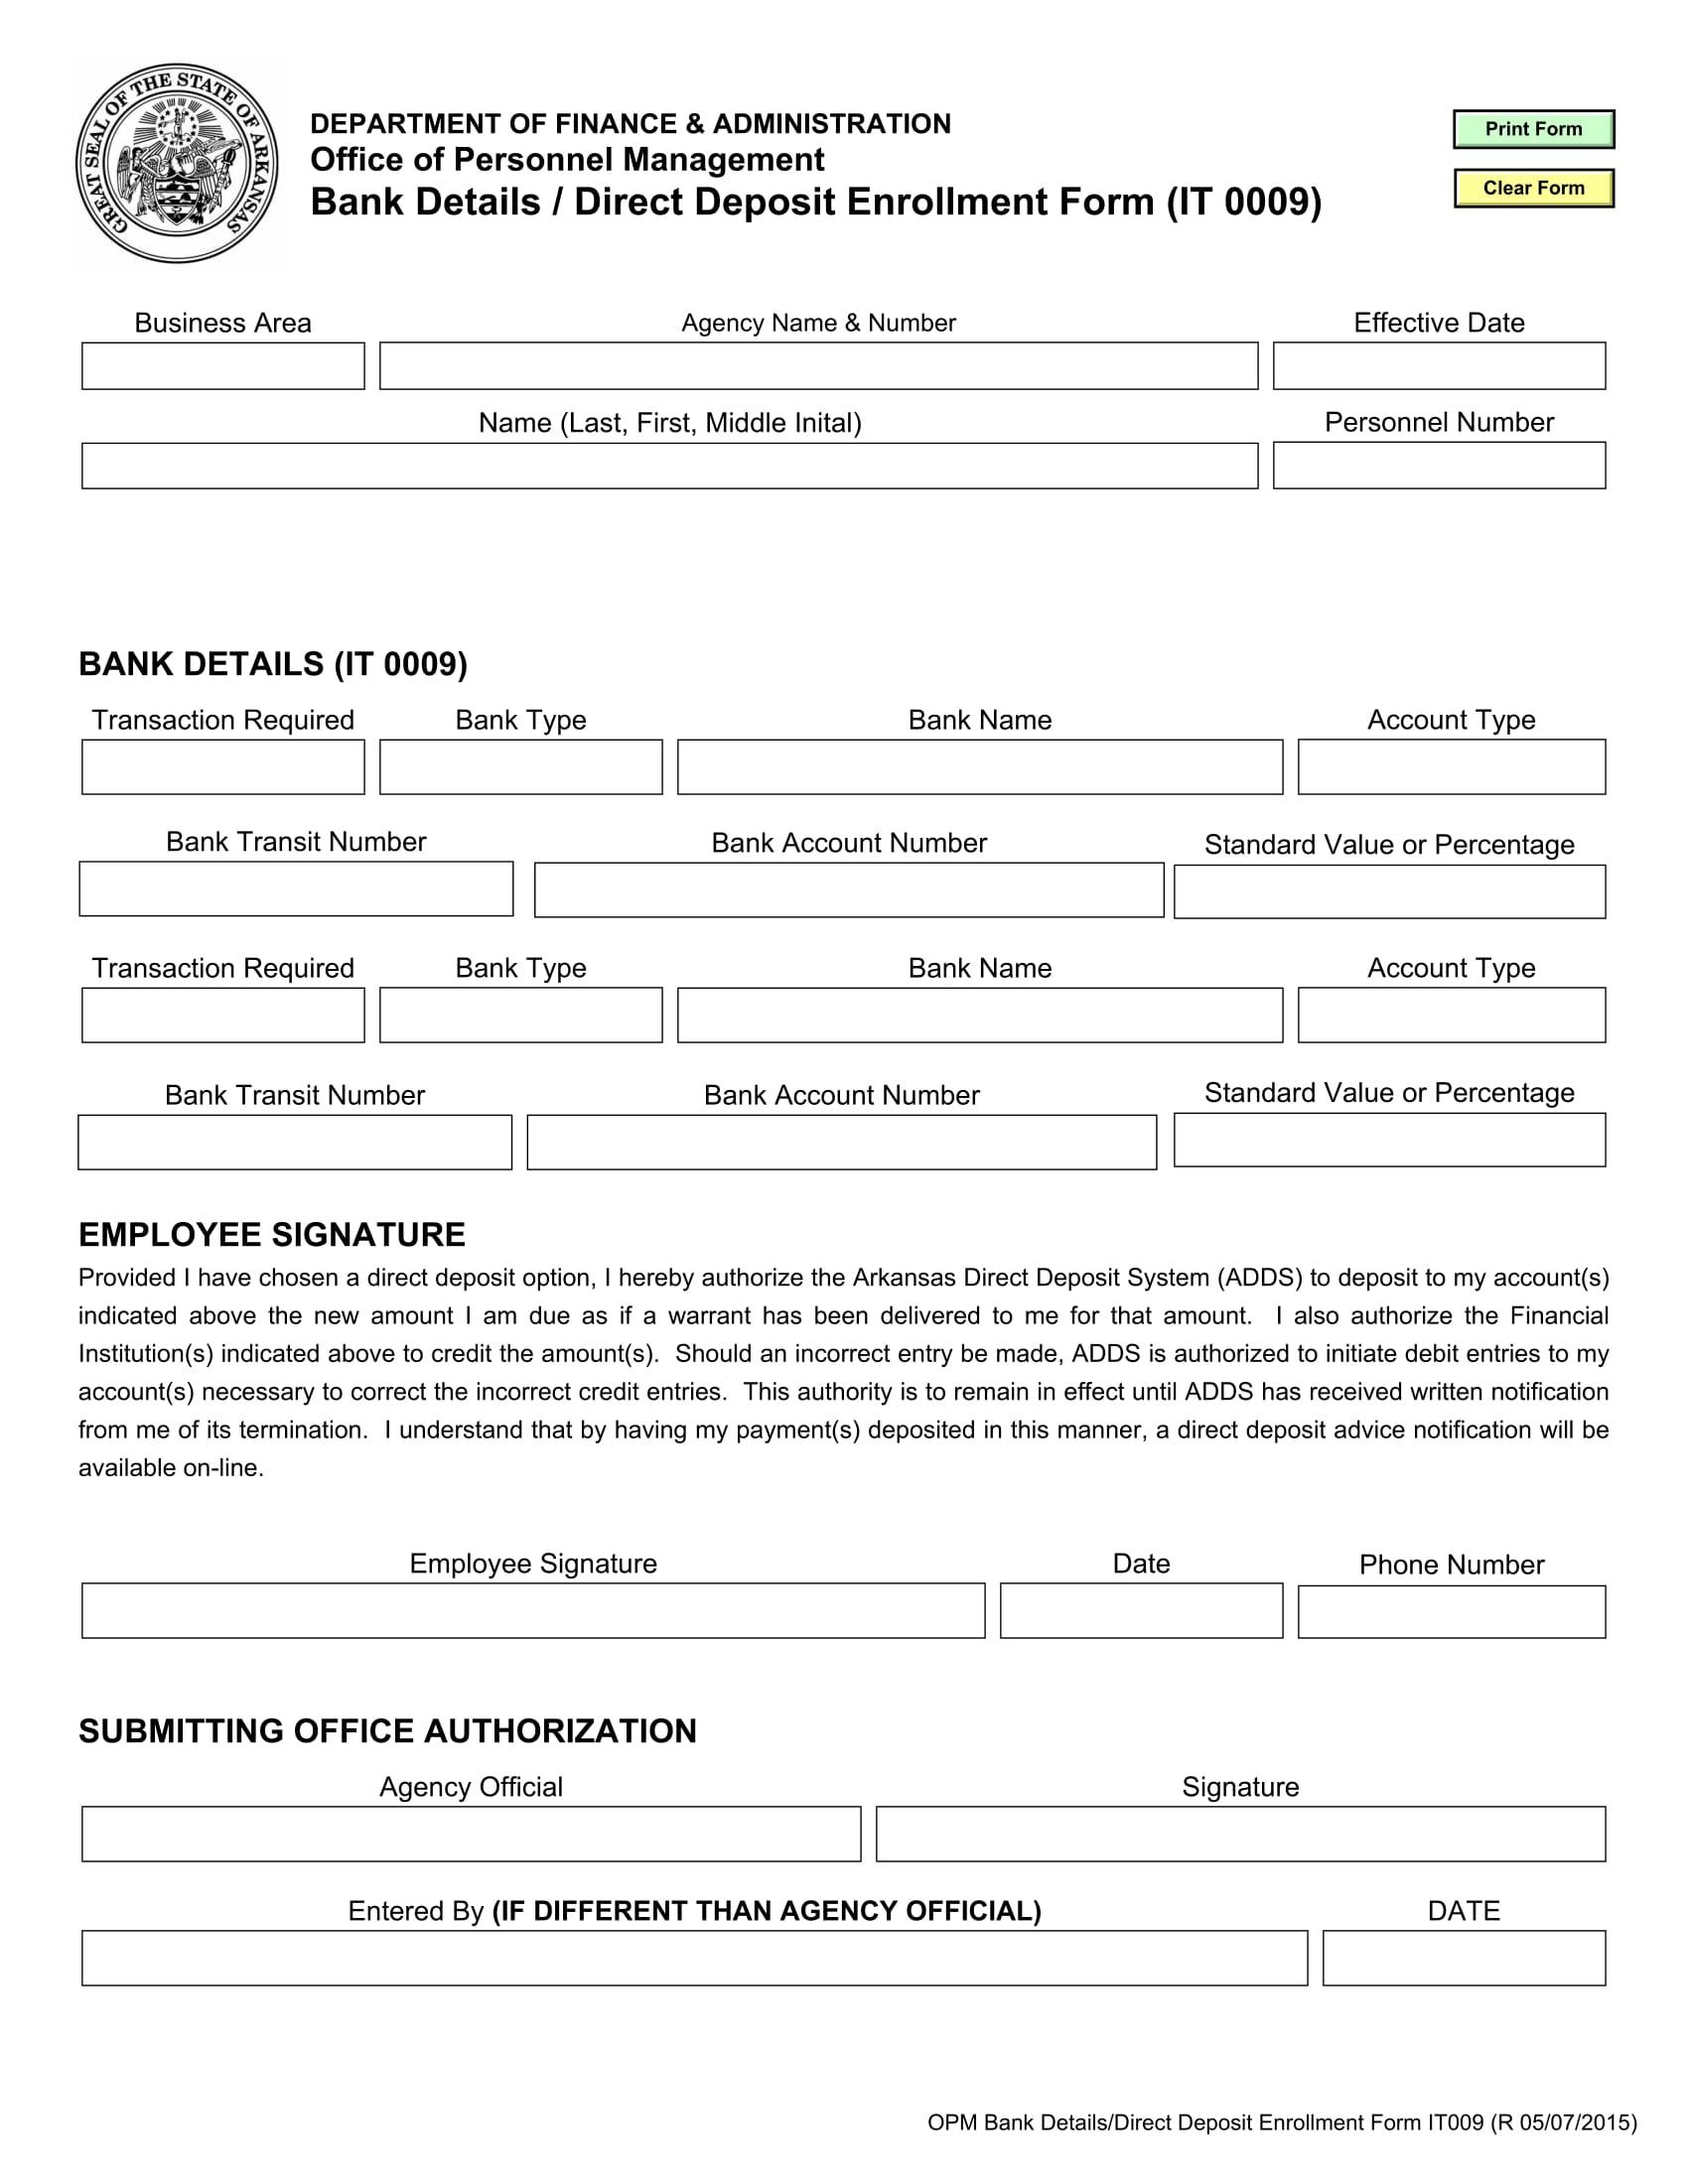 bank details direct deposit enrollment form 11